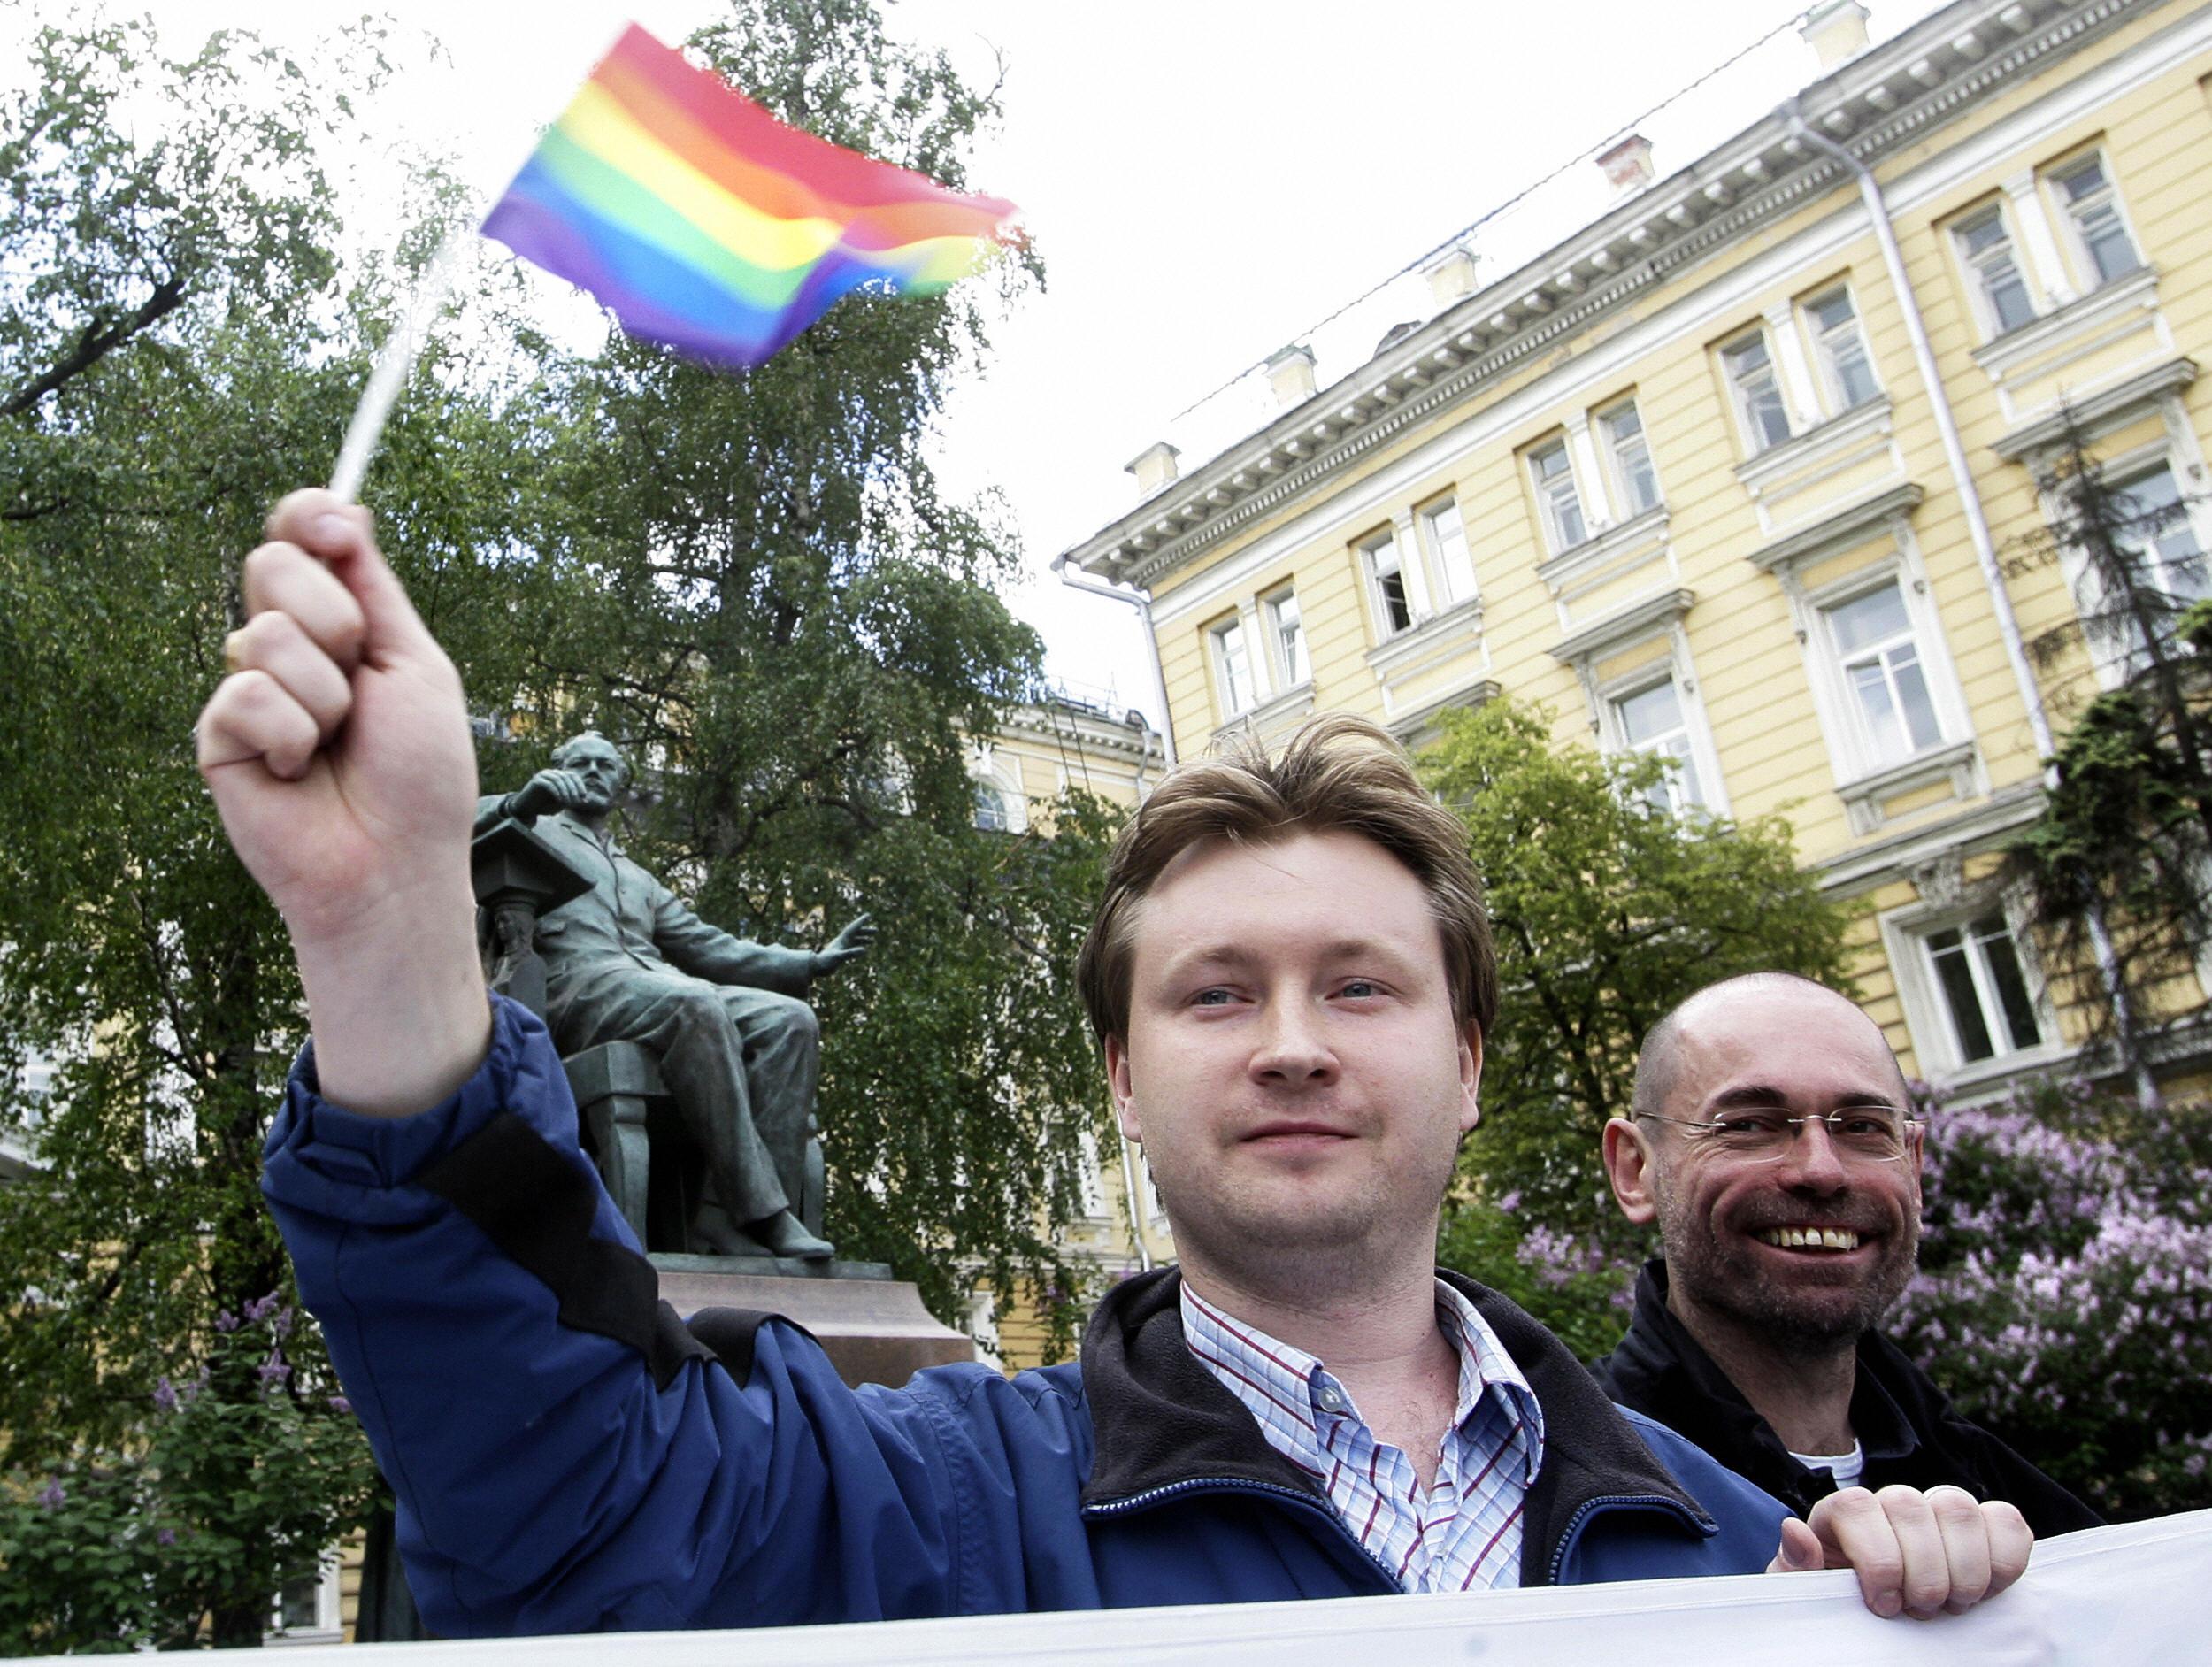 Russian gay community leader Nikolai Alexeyev waves a flag.